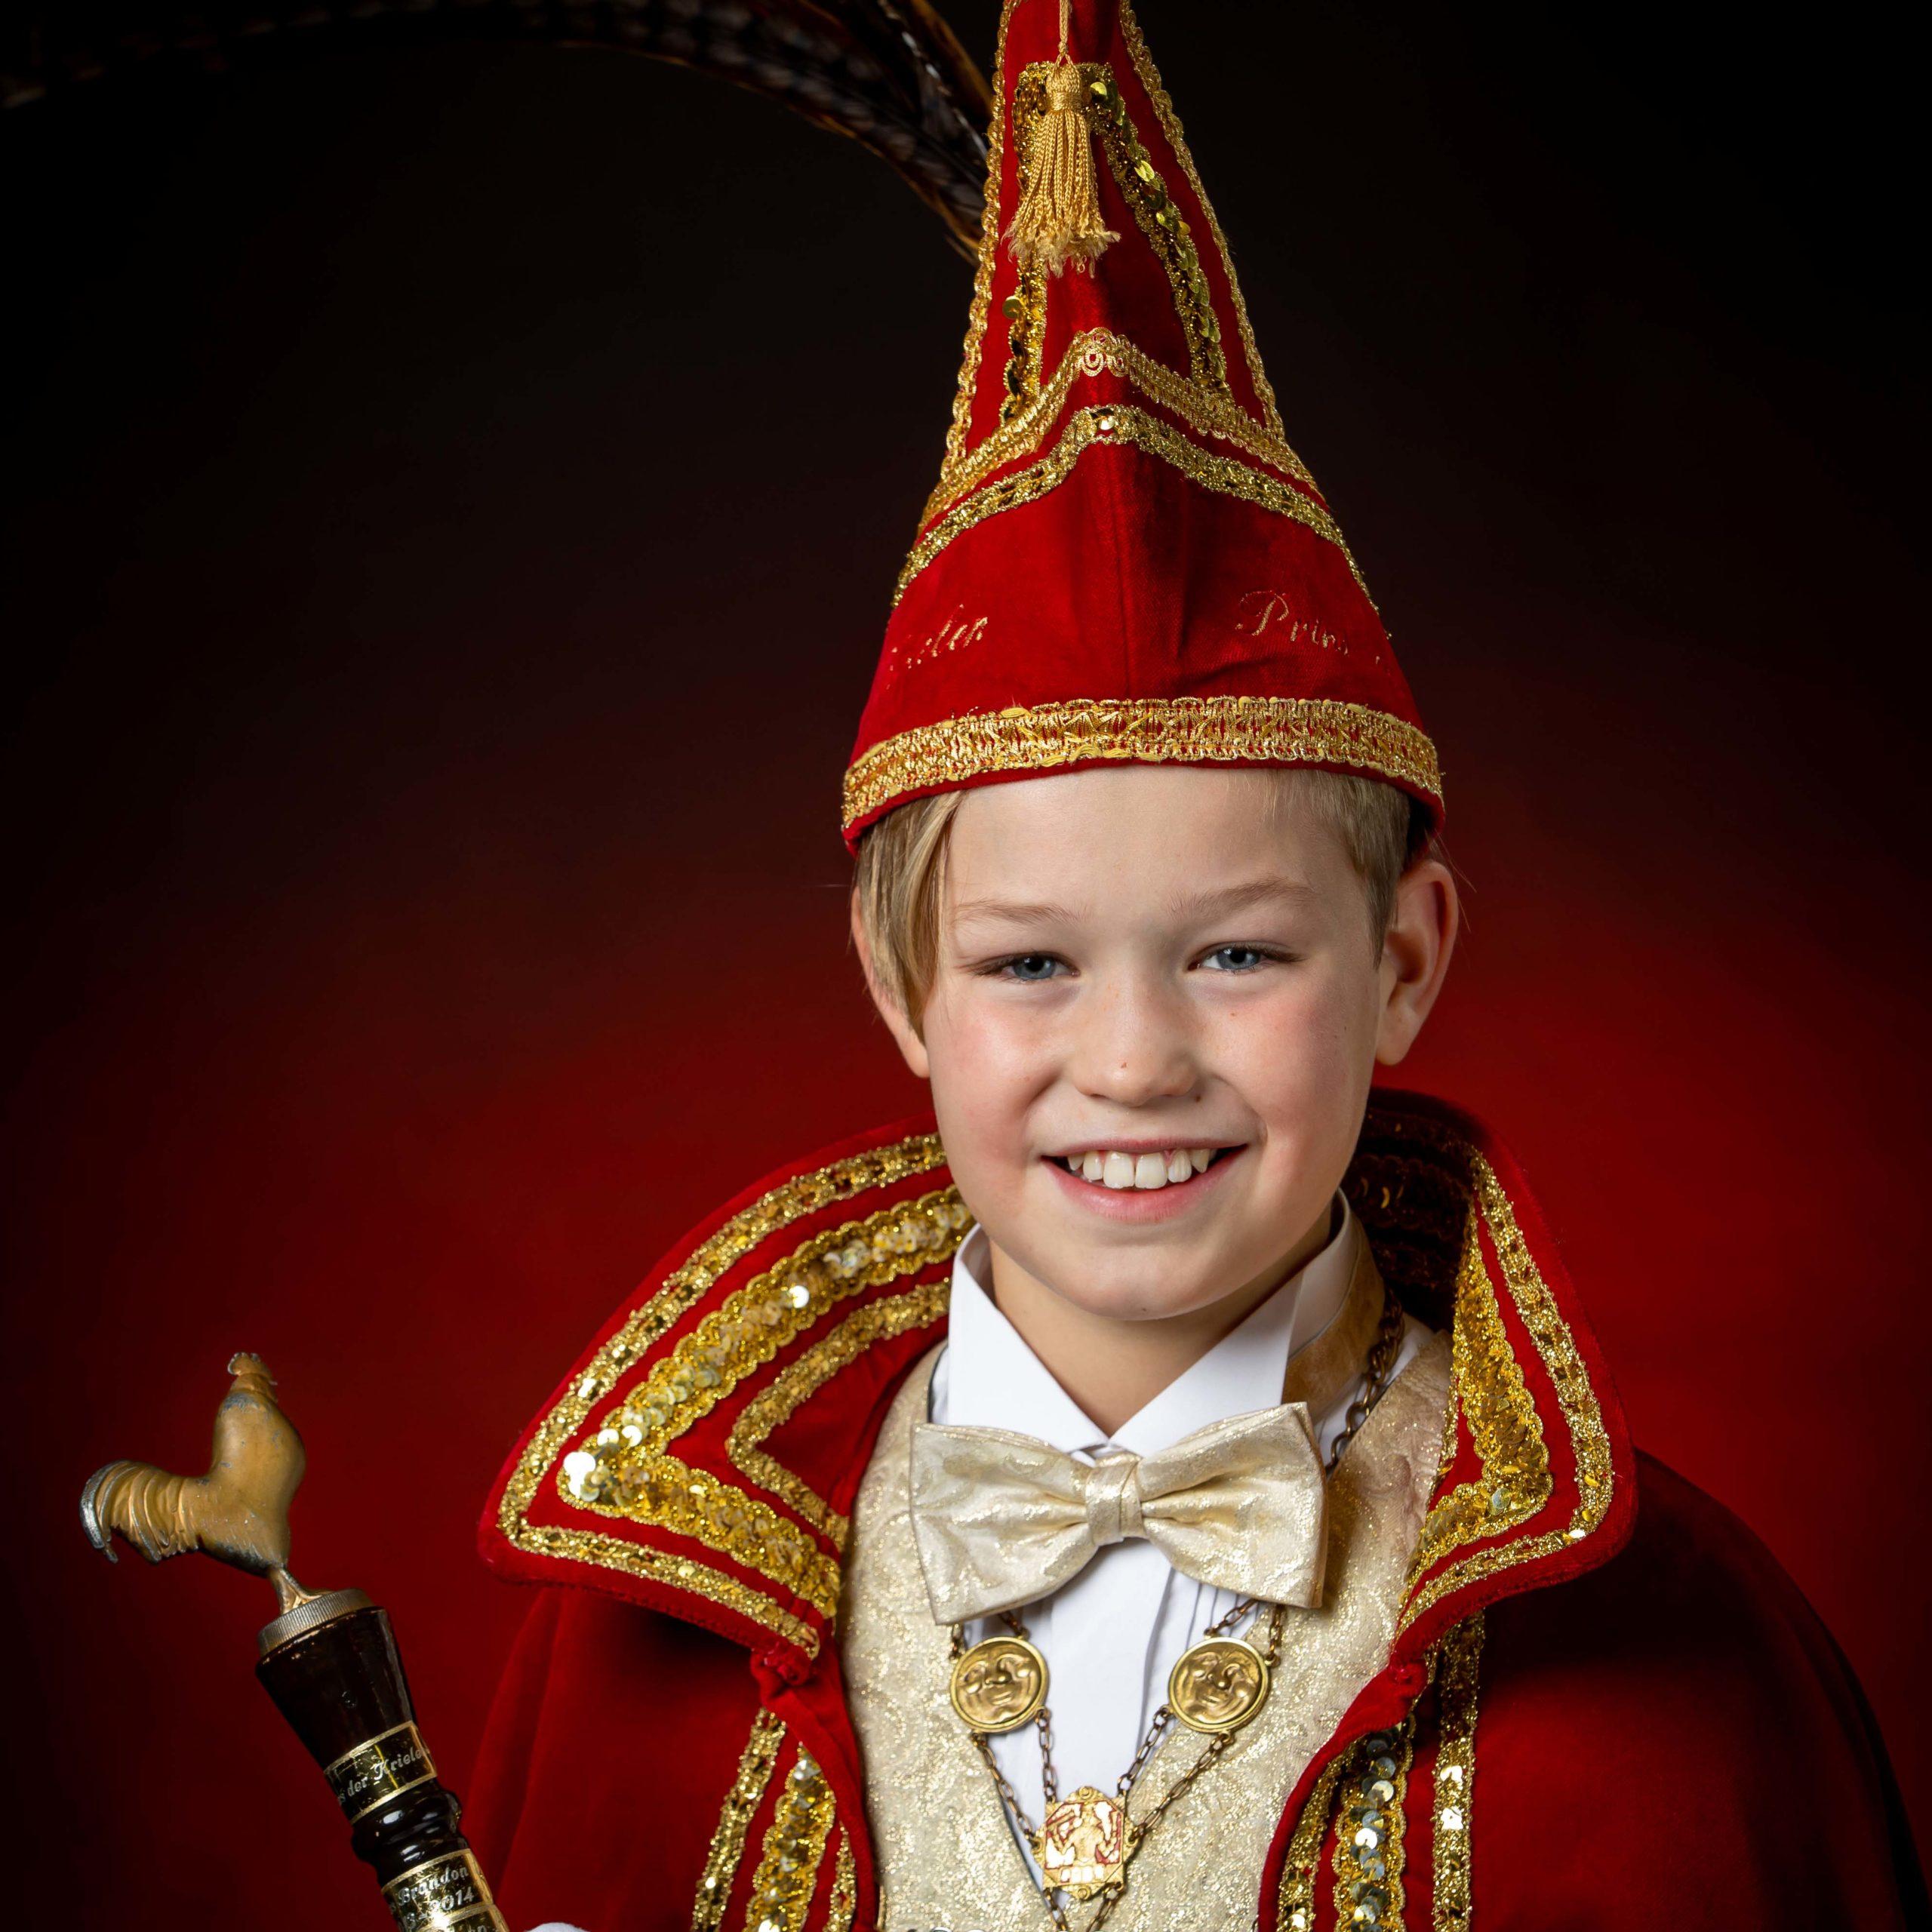 Prins Gijs I